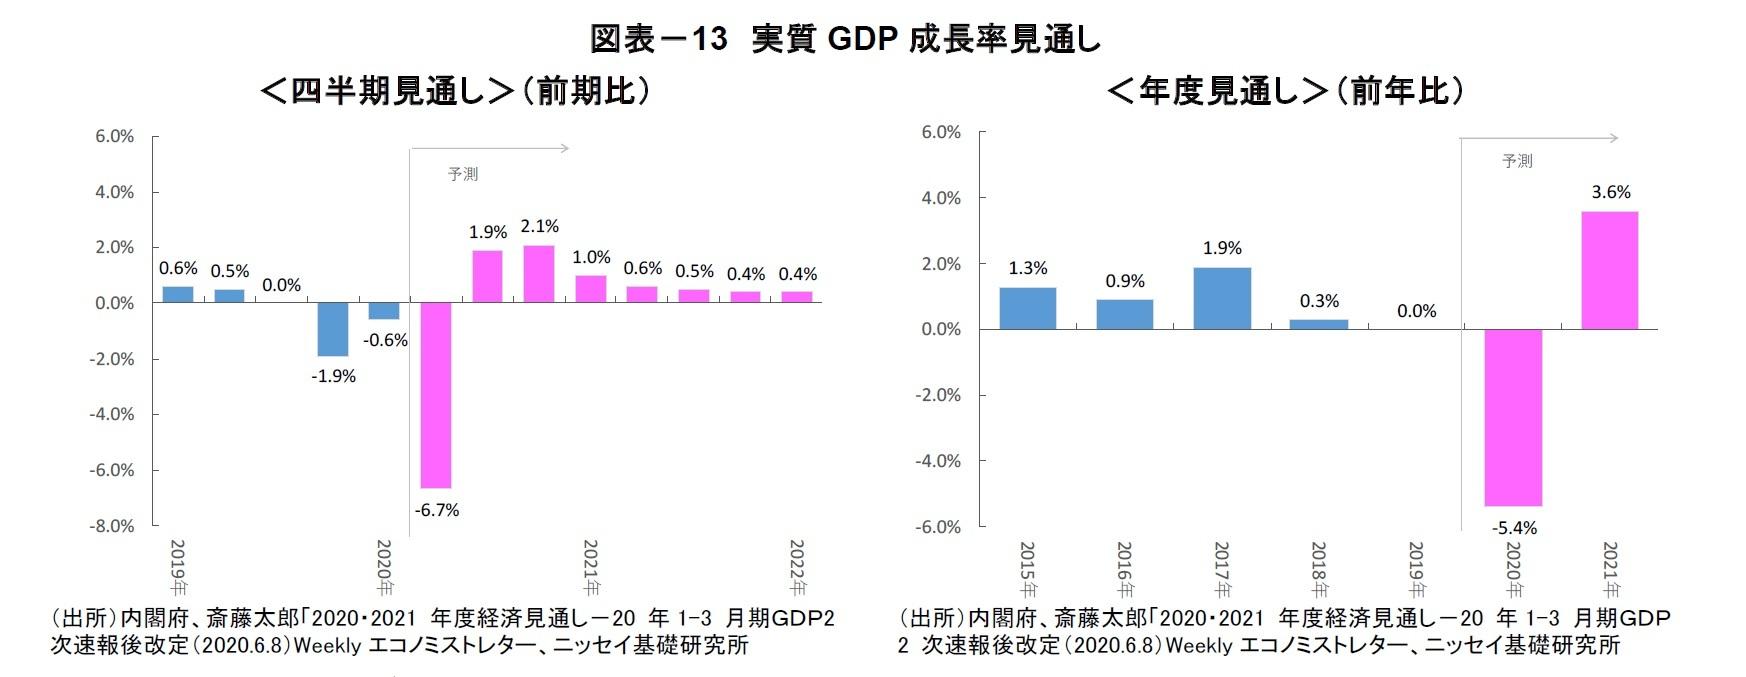 図表-13 実質GDP 成長率見通し